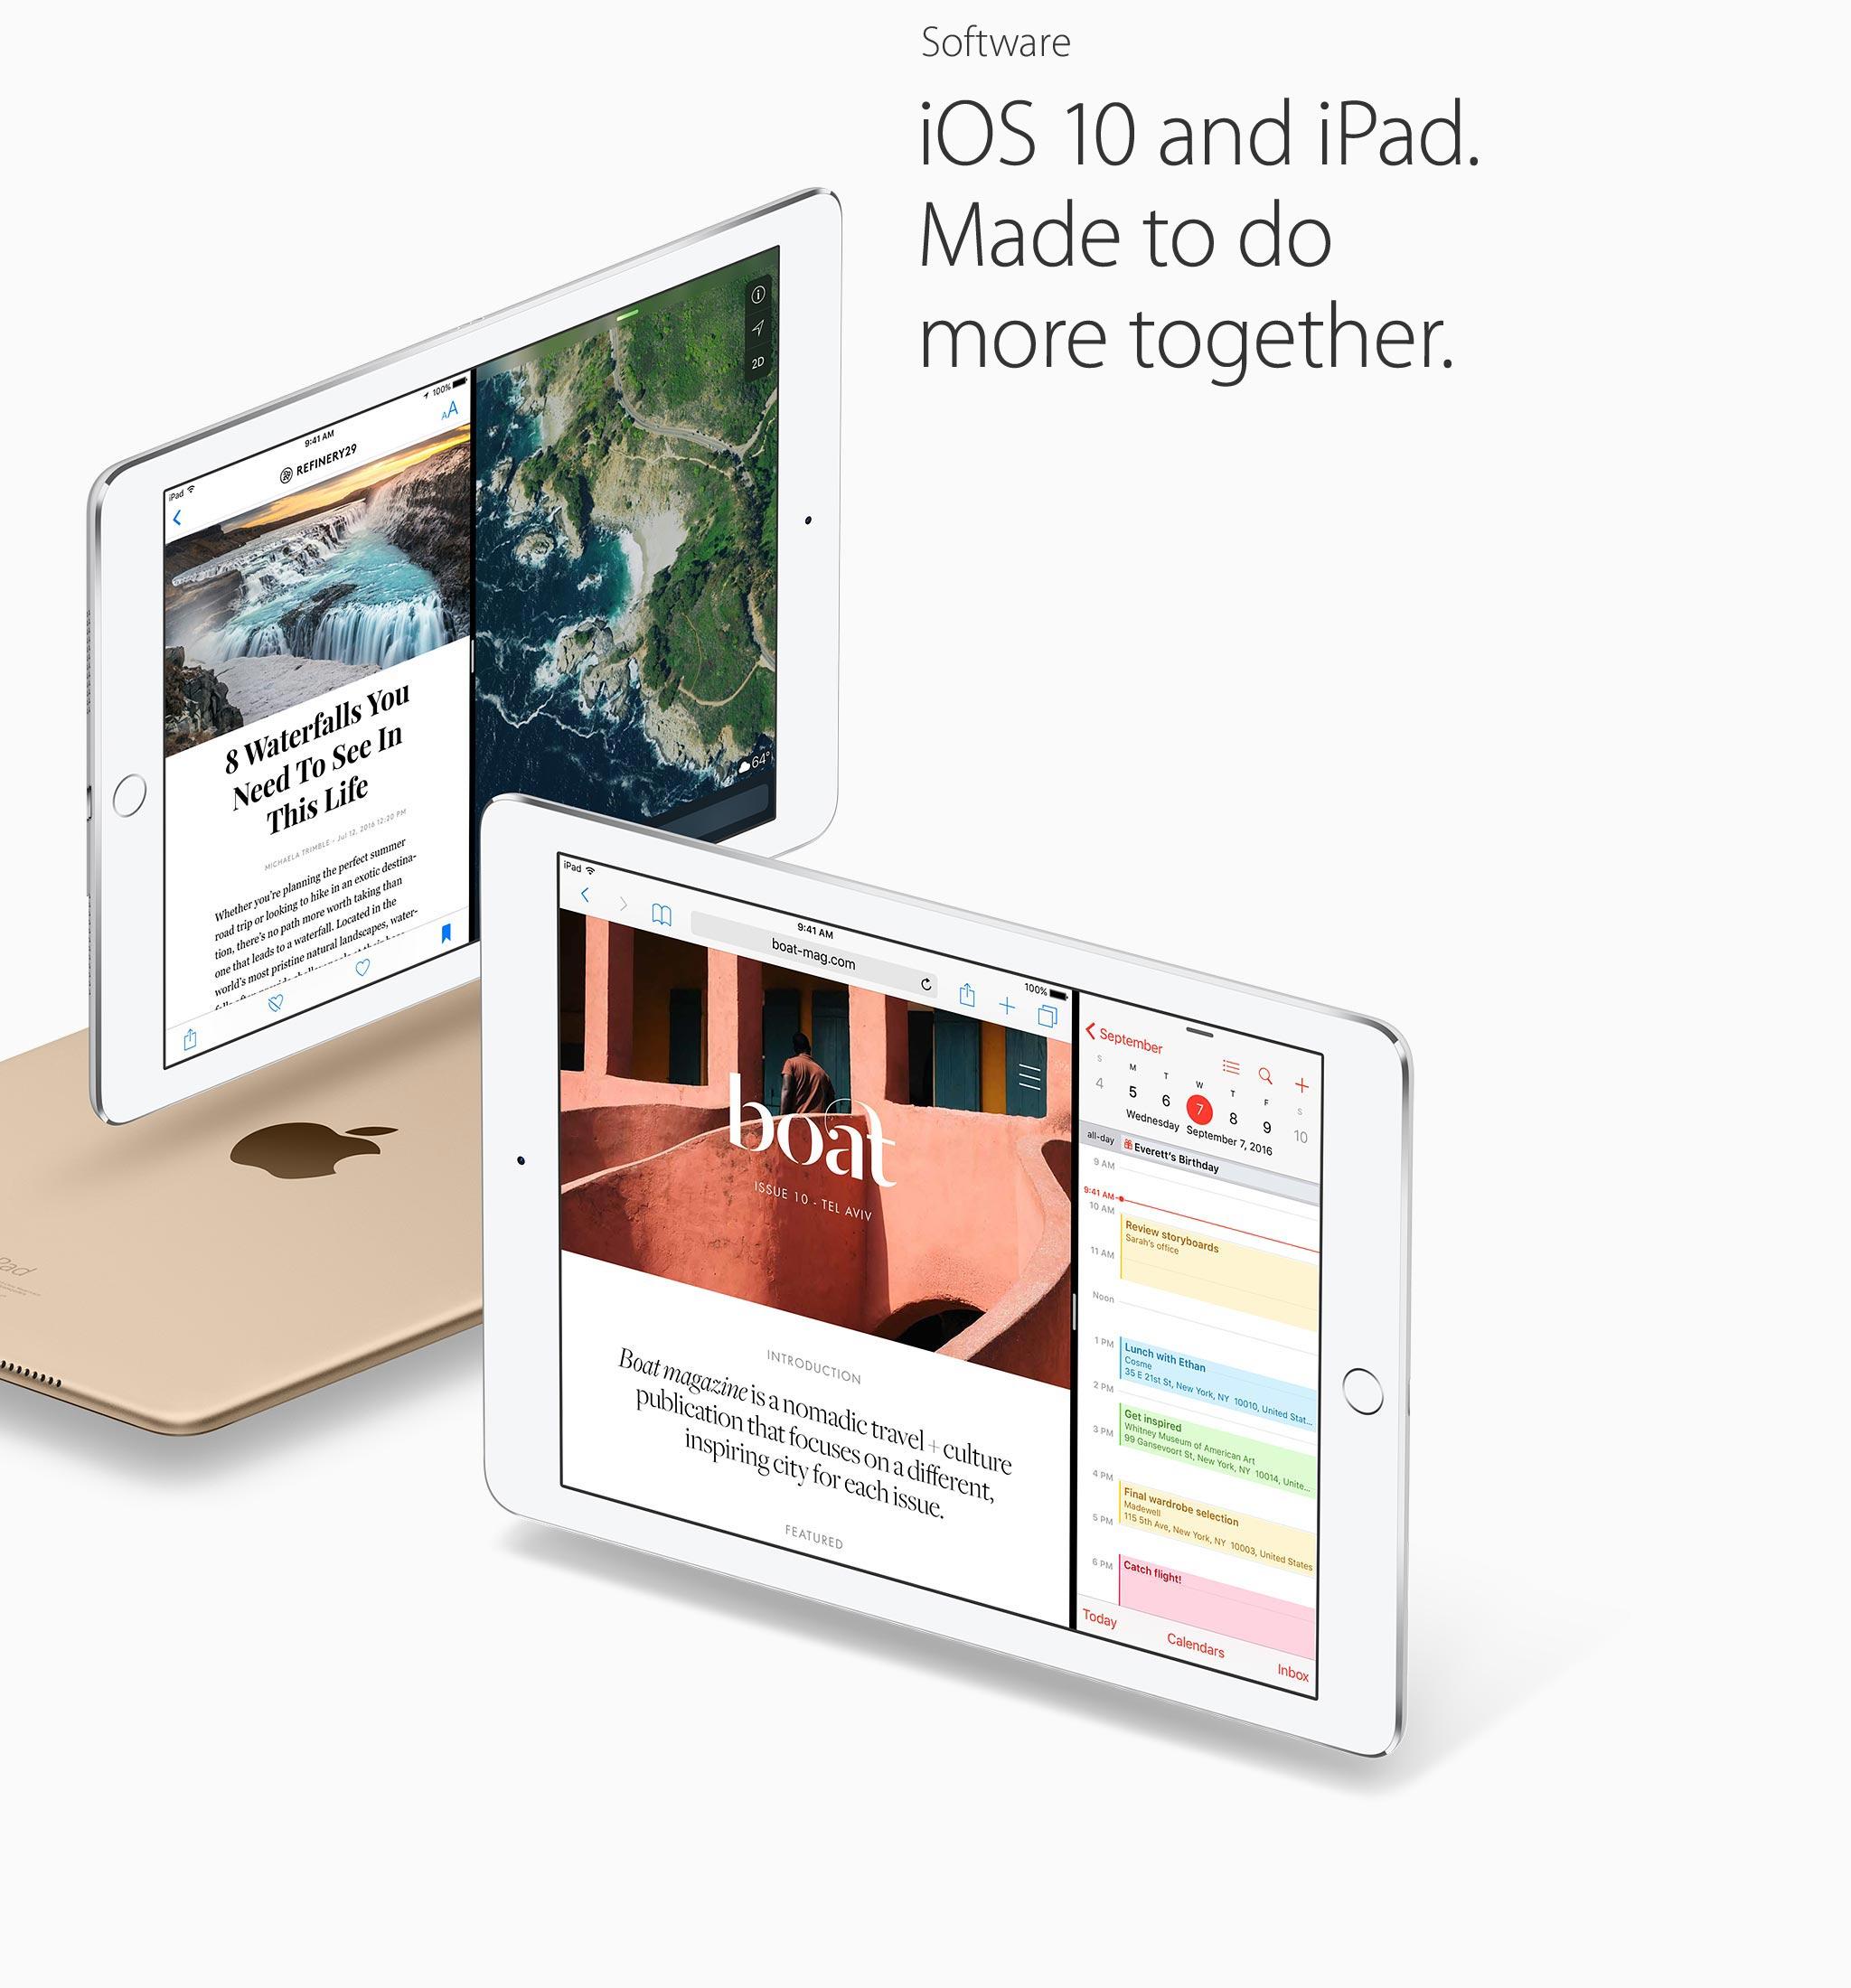 iOS 10. Made to do more together.